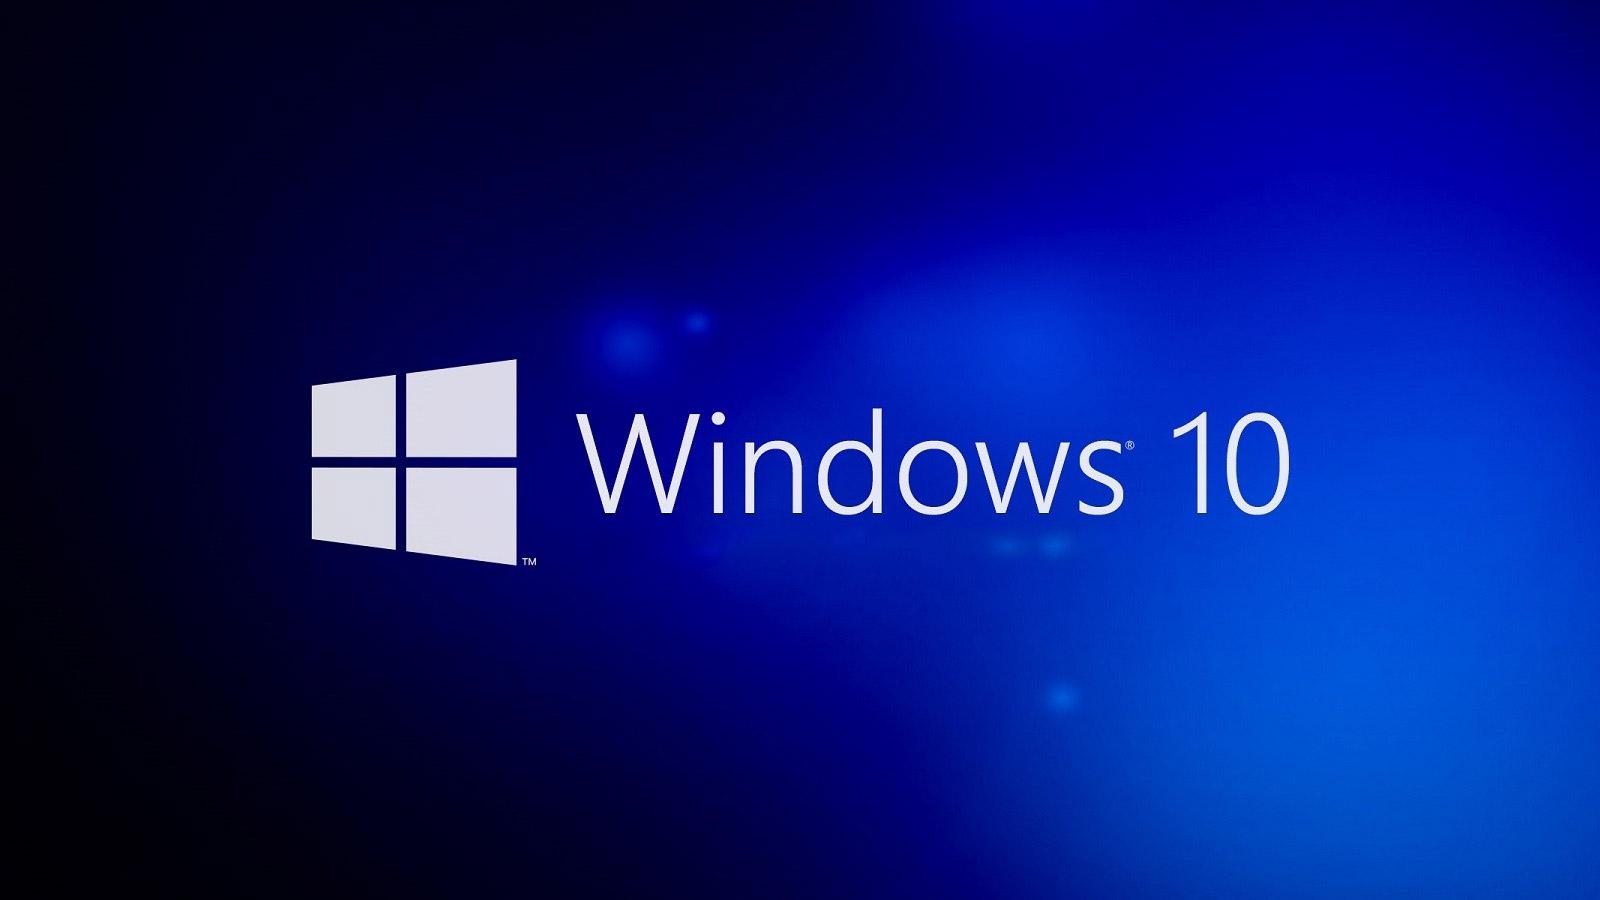 Eguneratu KB4549951rako Windows 10ek arazo larriak eragiten ditu sistemarekin